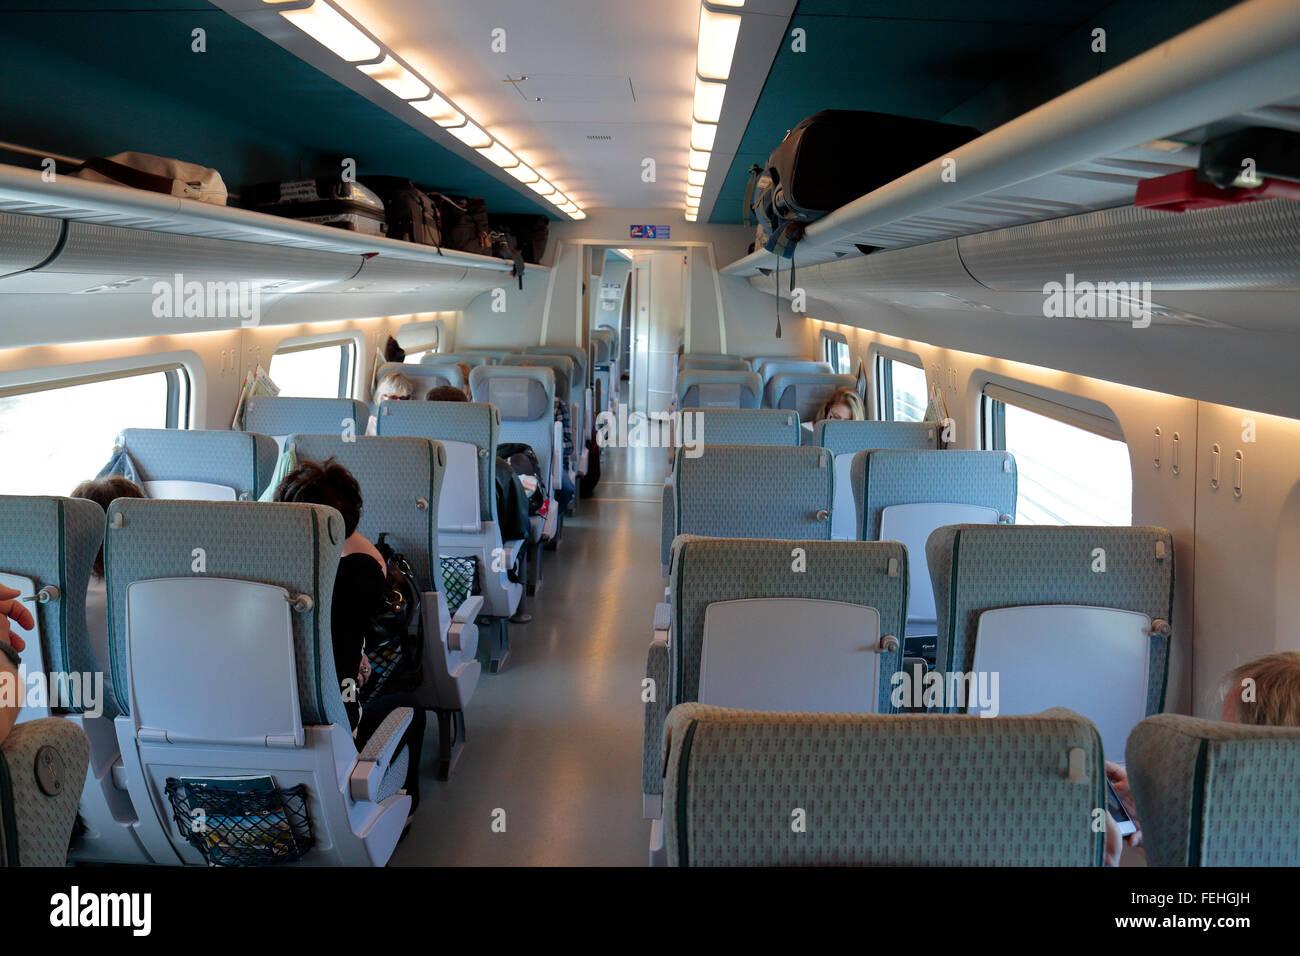 Una seconda classe di trasporto sulla Allegro treno che opera tra San Pietroburgo in Russia e di Helsinki in Finlandia. Immagini Stock